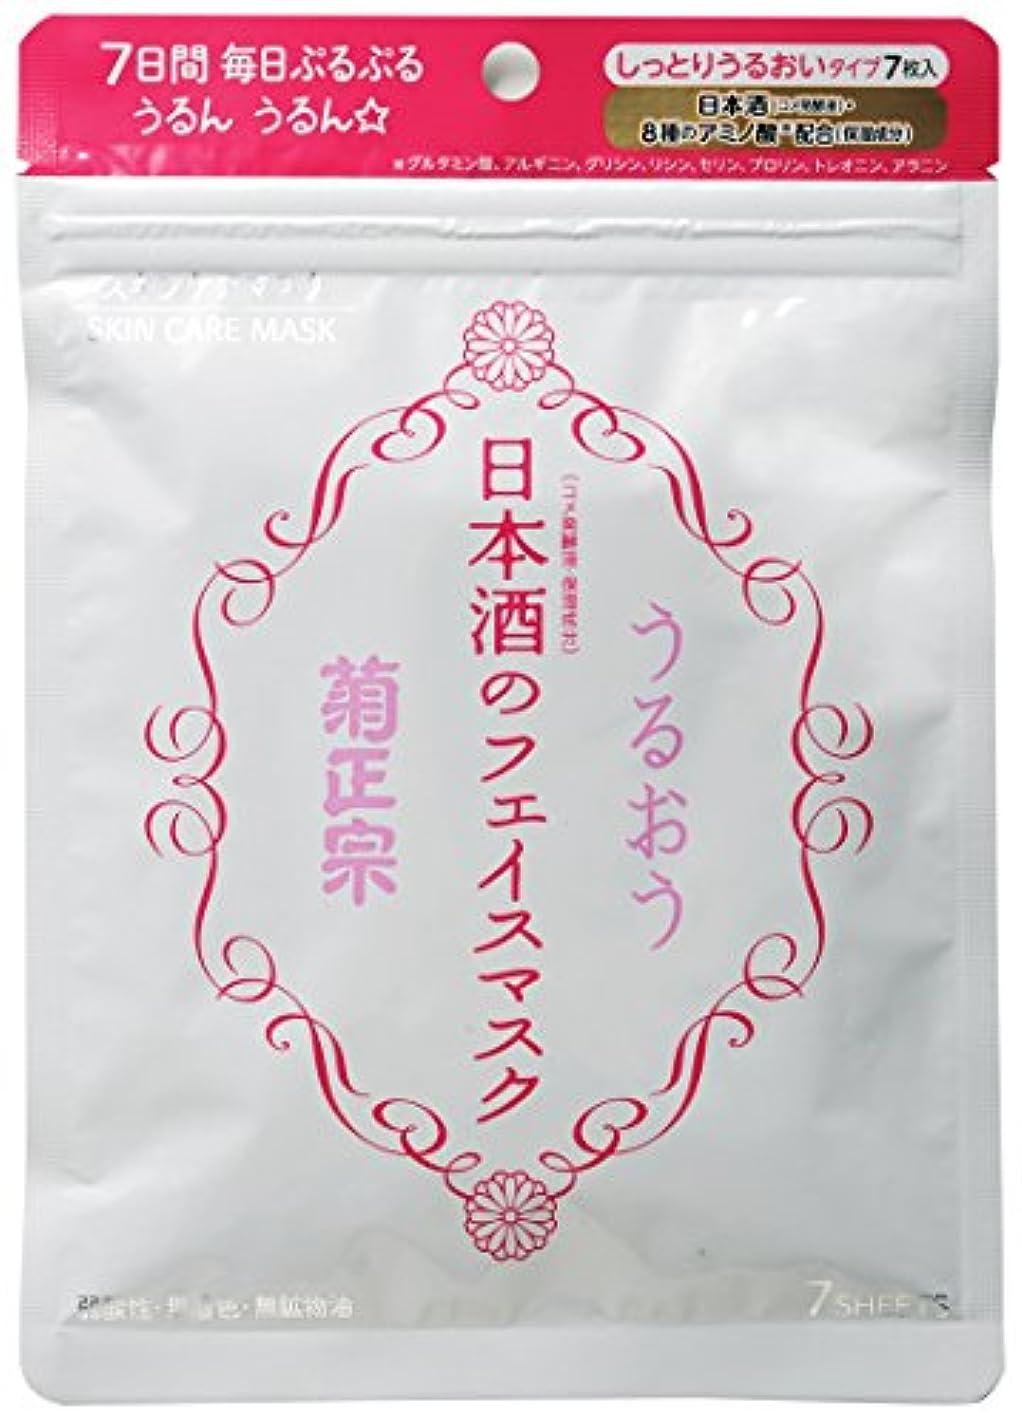 追跡ドレイン豊富な菊正宗 日本酒のフェイスマスク 7枚入